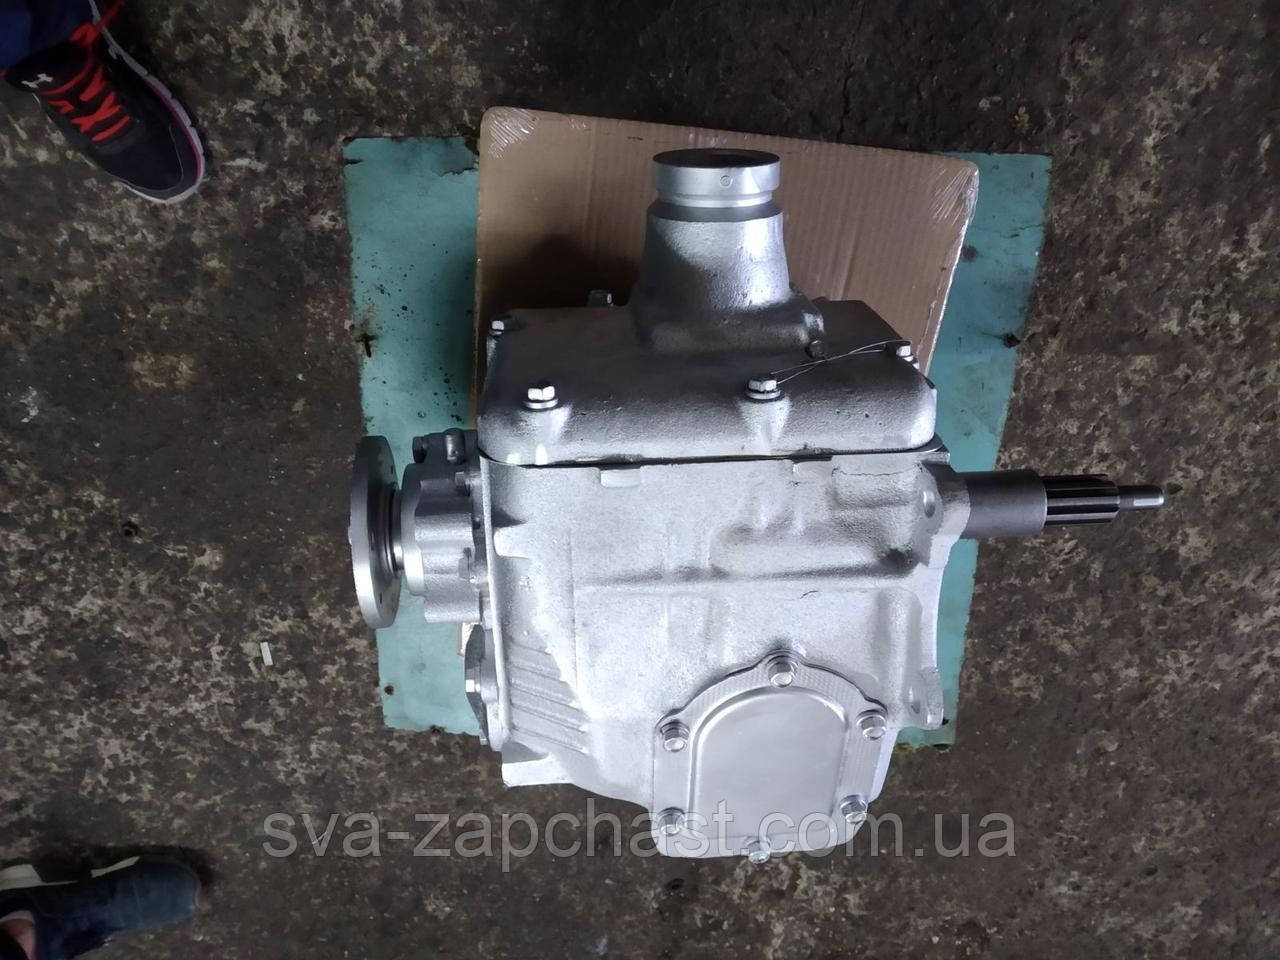 КПП ГАЗ 53 3307 с круглым фланцем 3307-1700010-01